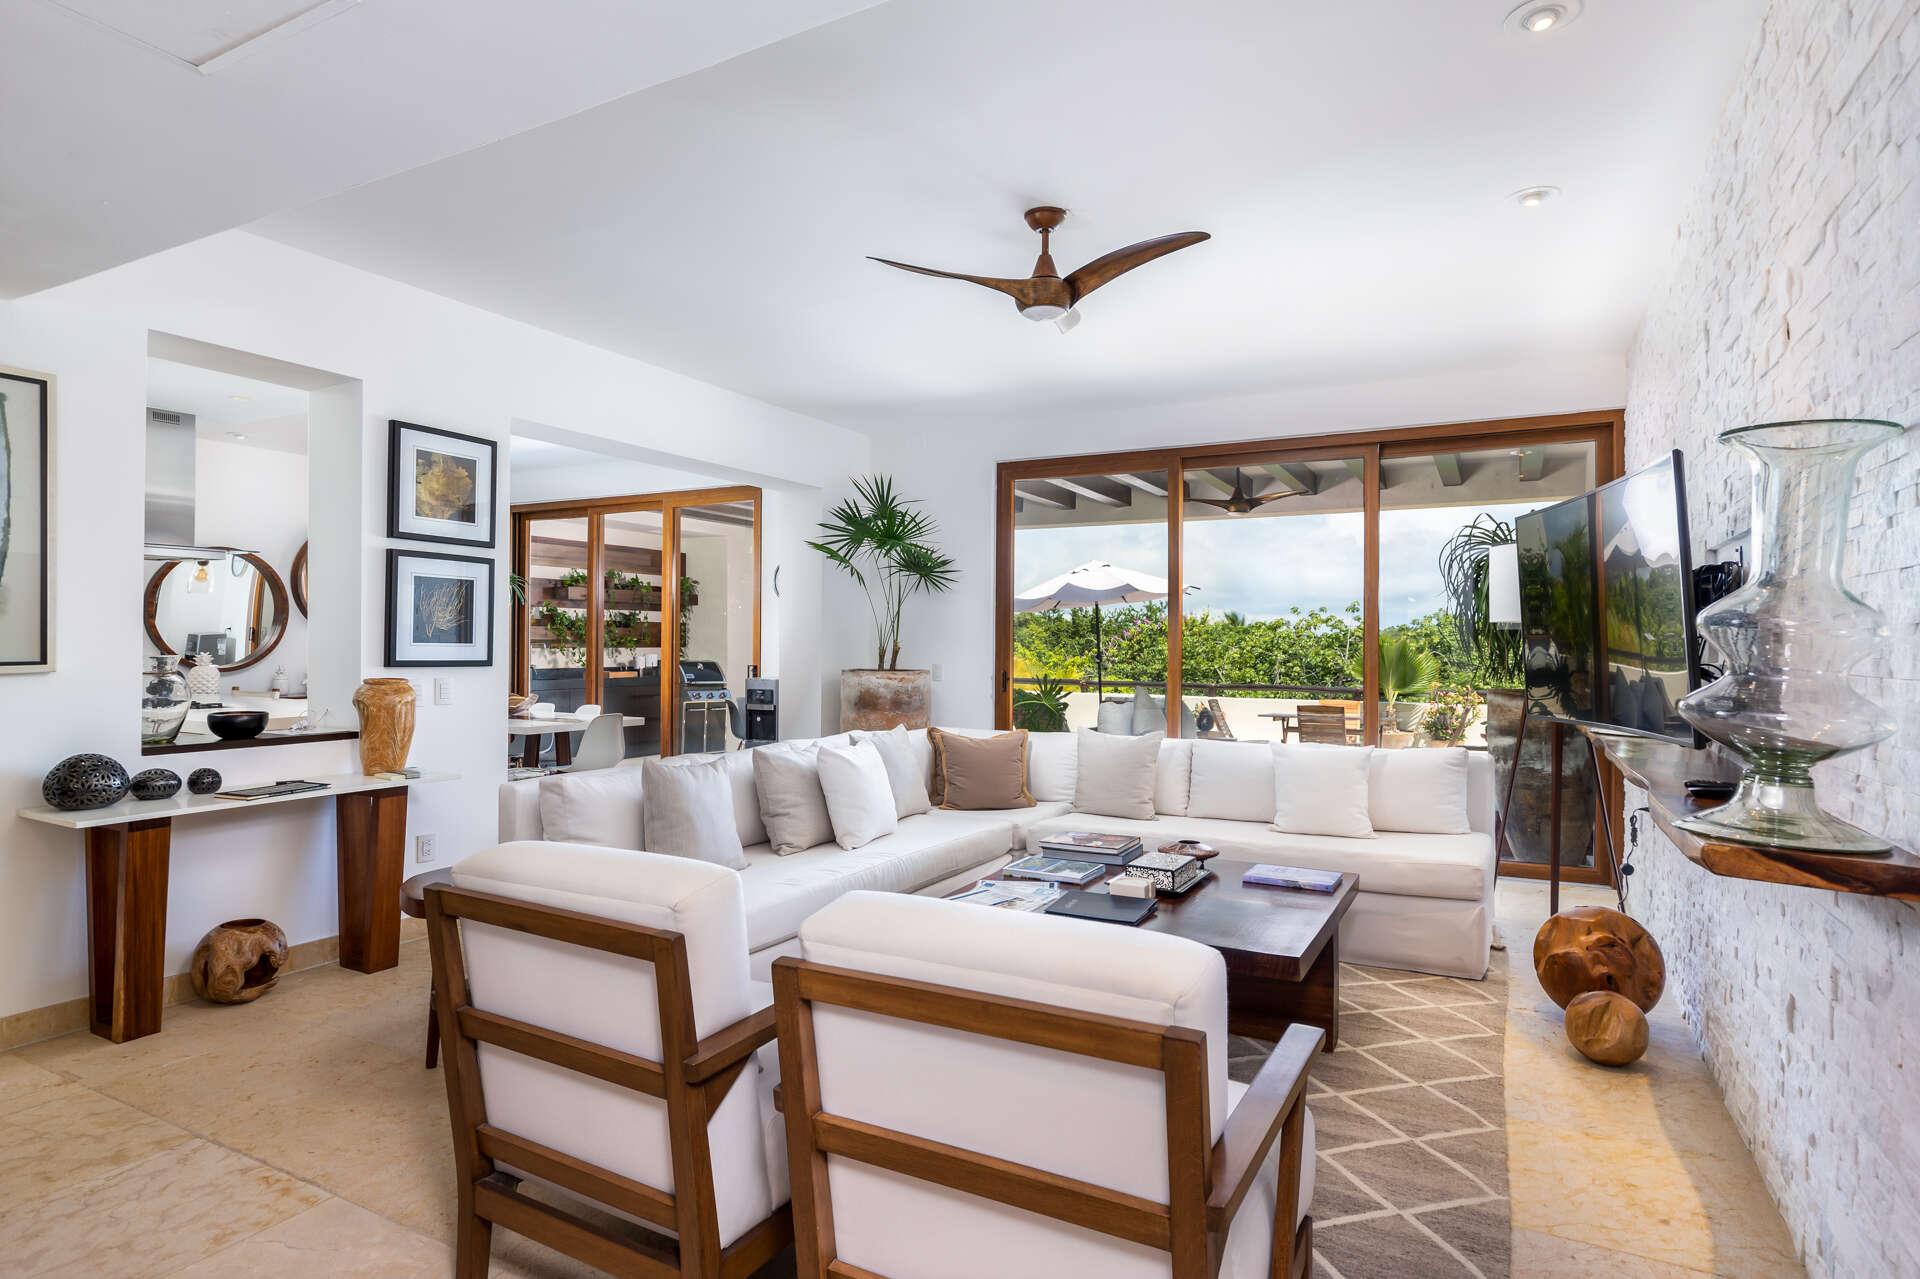 Luxury vacation rentals mexico - Punta mita - Las terrazas - No location 4 - Condo Ola Linda - Image 1/14